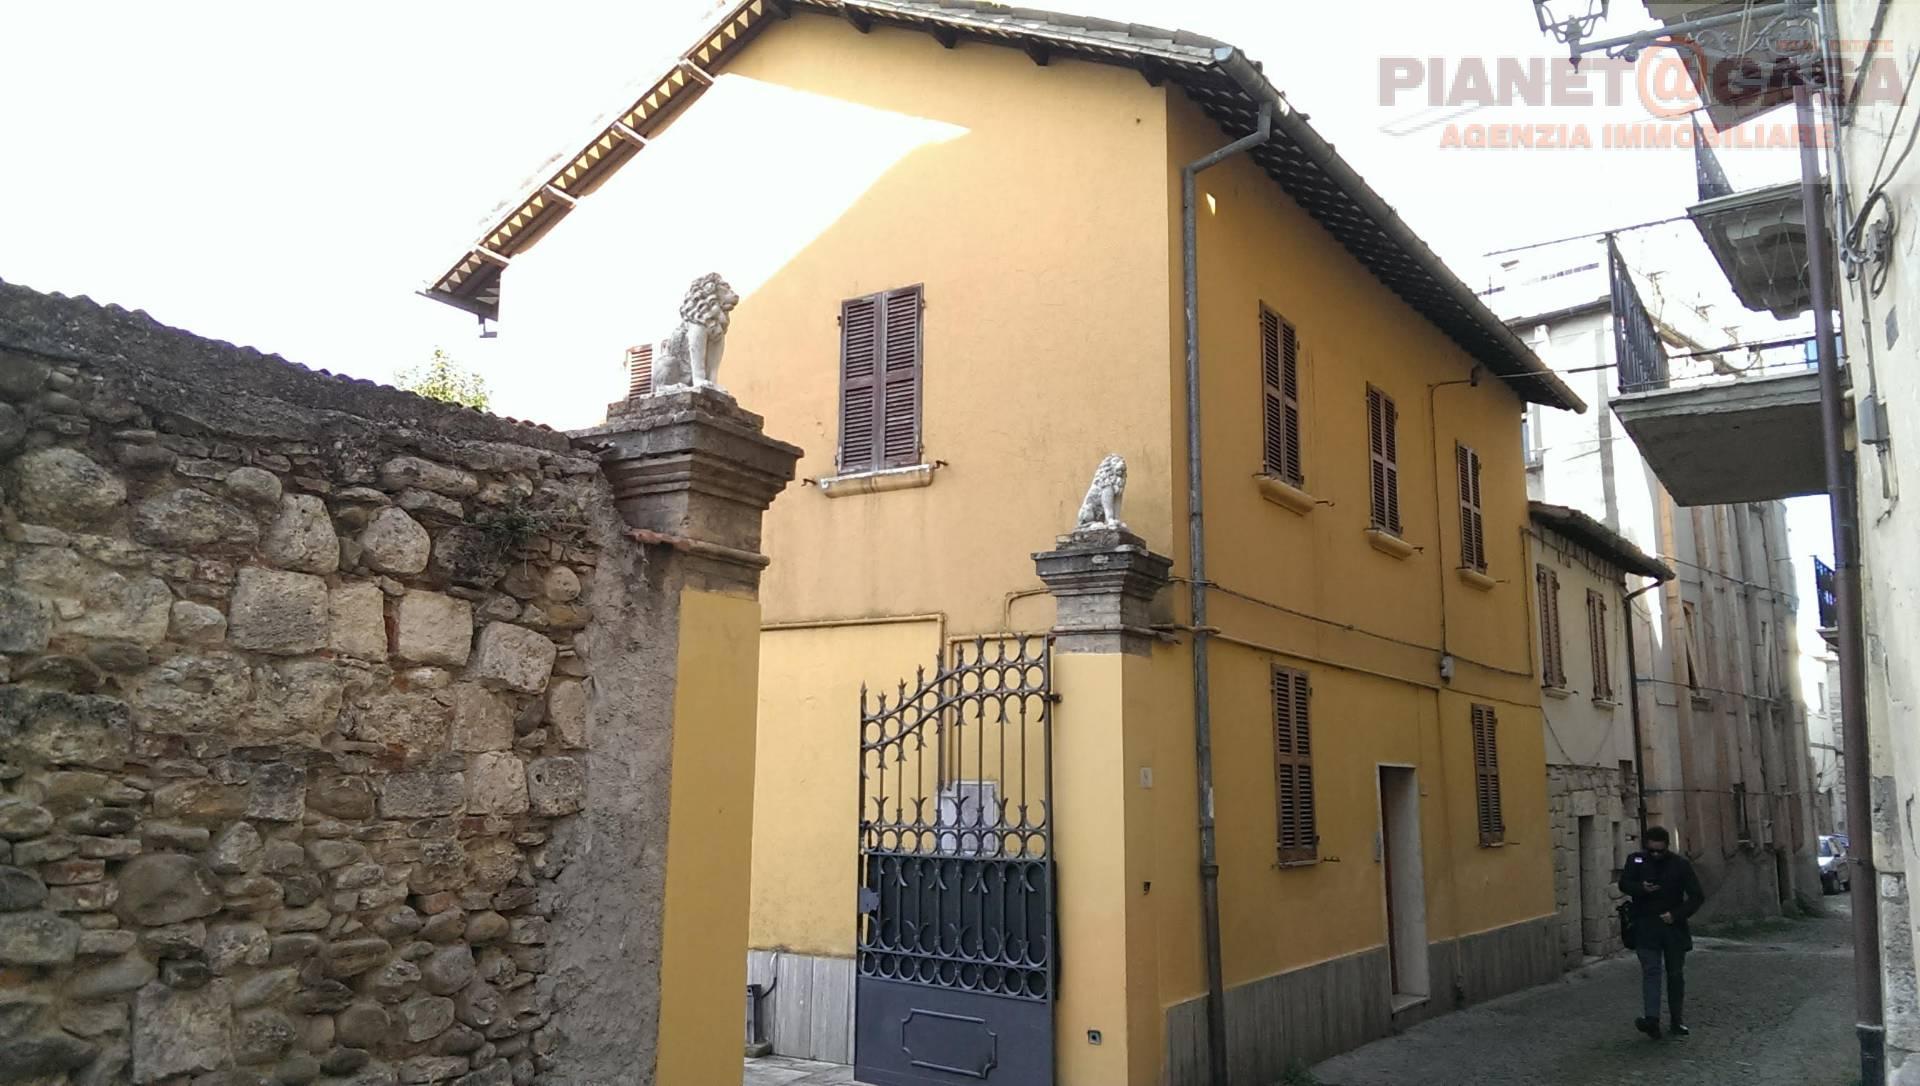 Soluzione Indipendente in affitto a Ascoli Piceno, 6 locali, zona Località: CENTRO, prezzo € 700 | CambioCasa.it